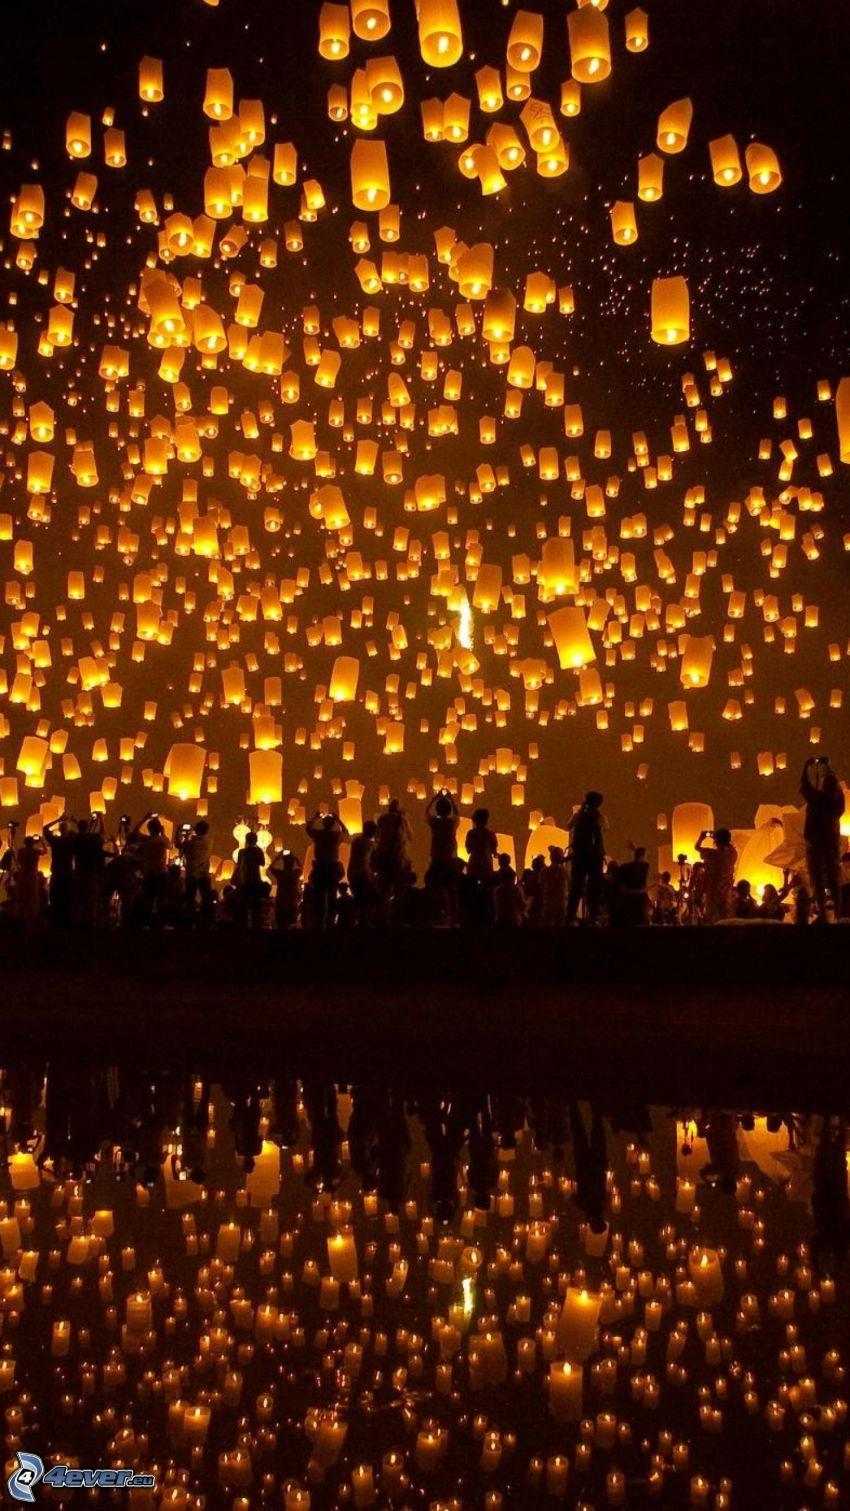 lampióny šťastia, siluety ľudí, odraz